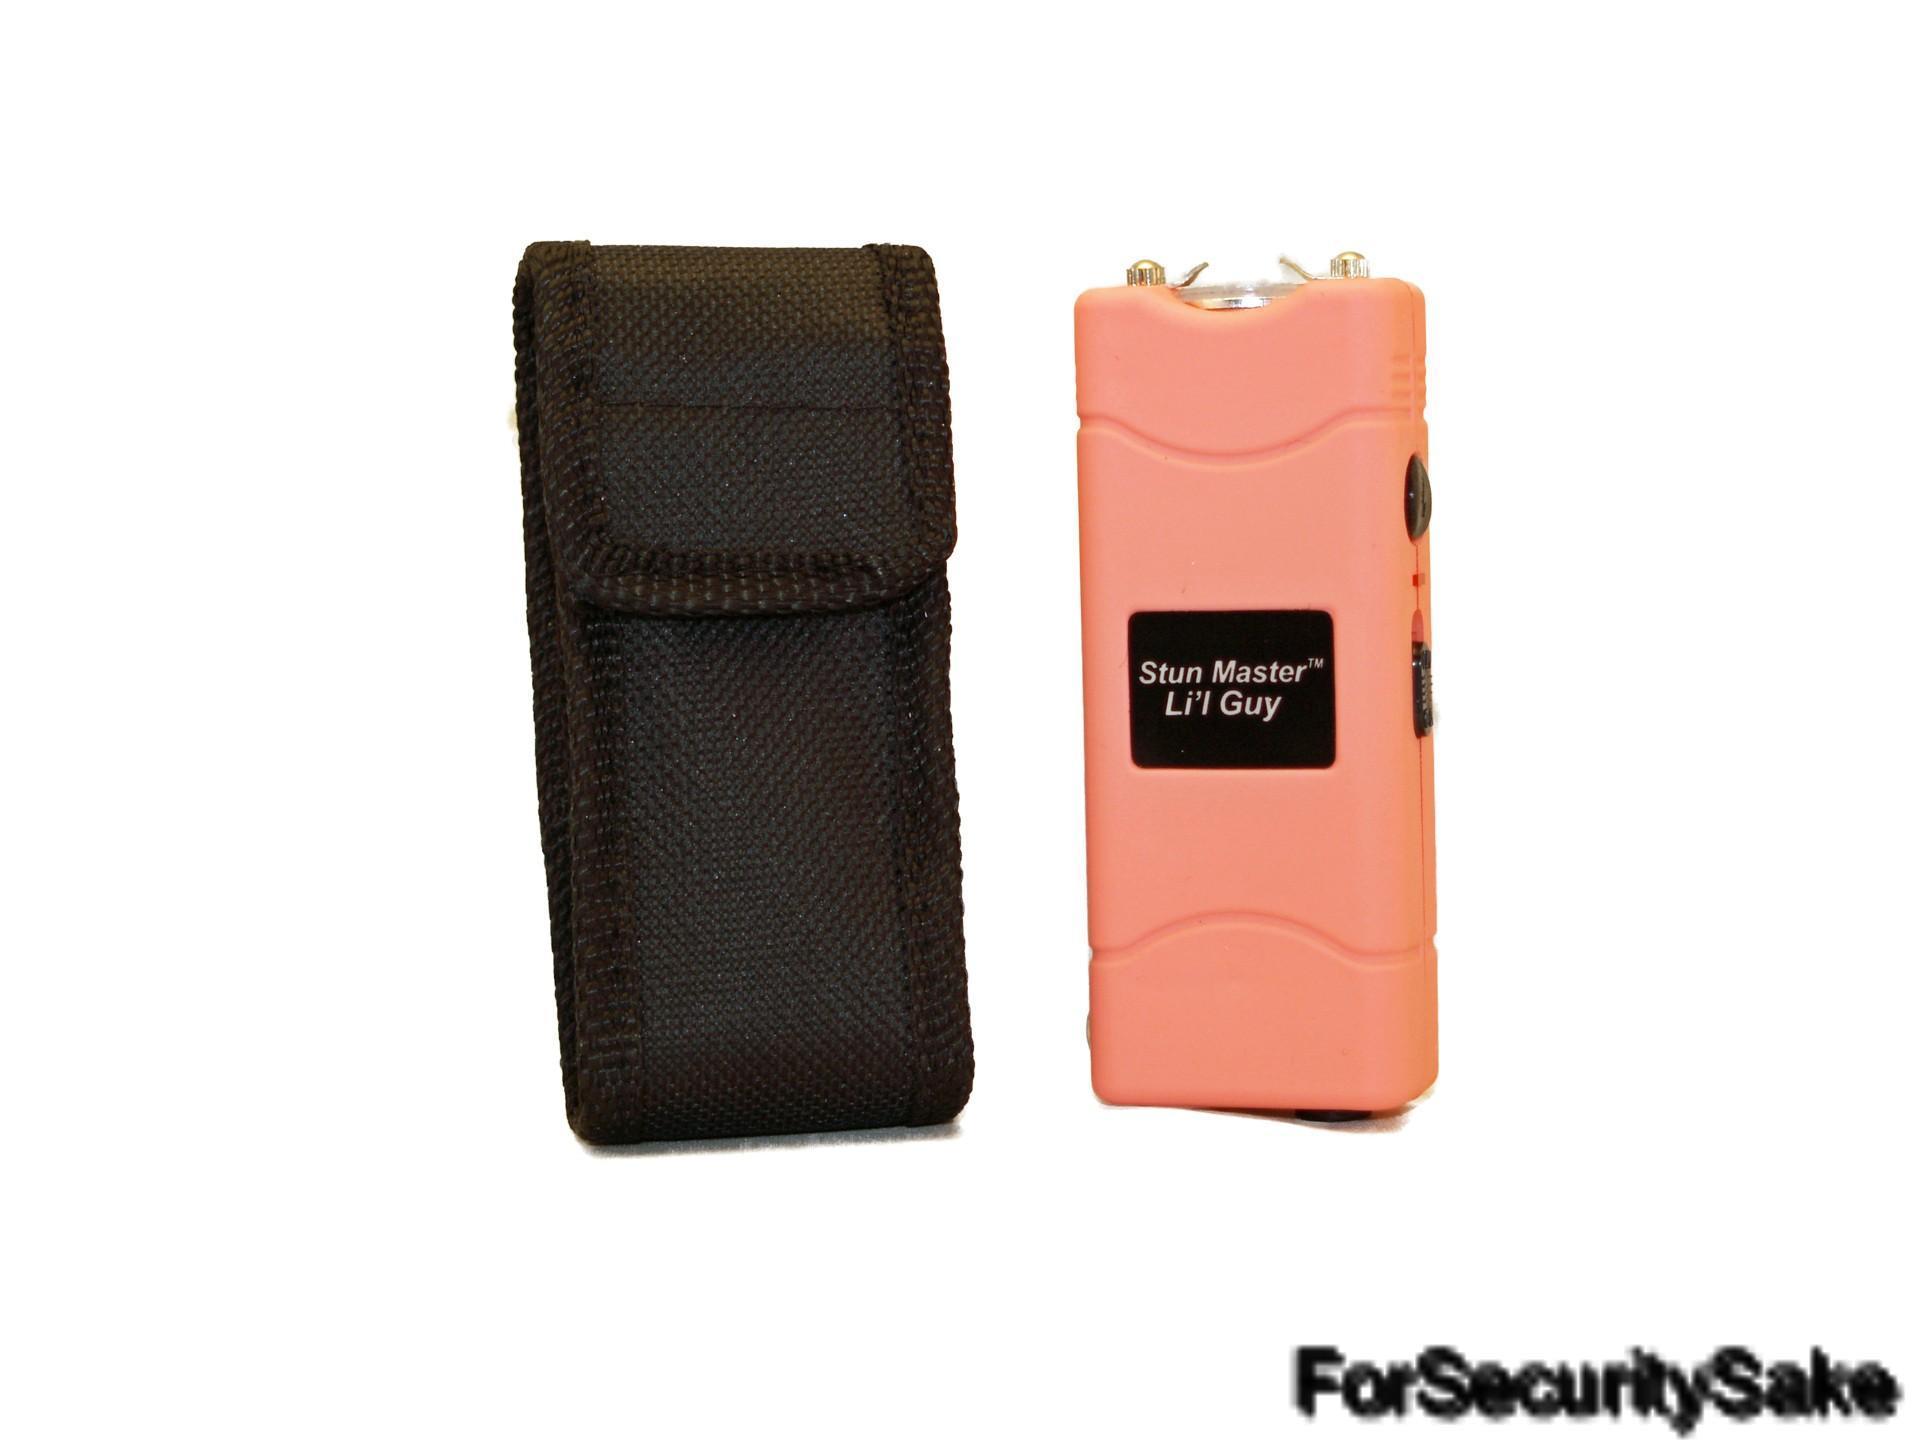 Stun Master Stun Gun LED Flashlight Rechargeable Choose ...